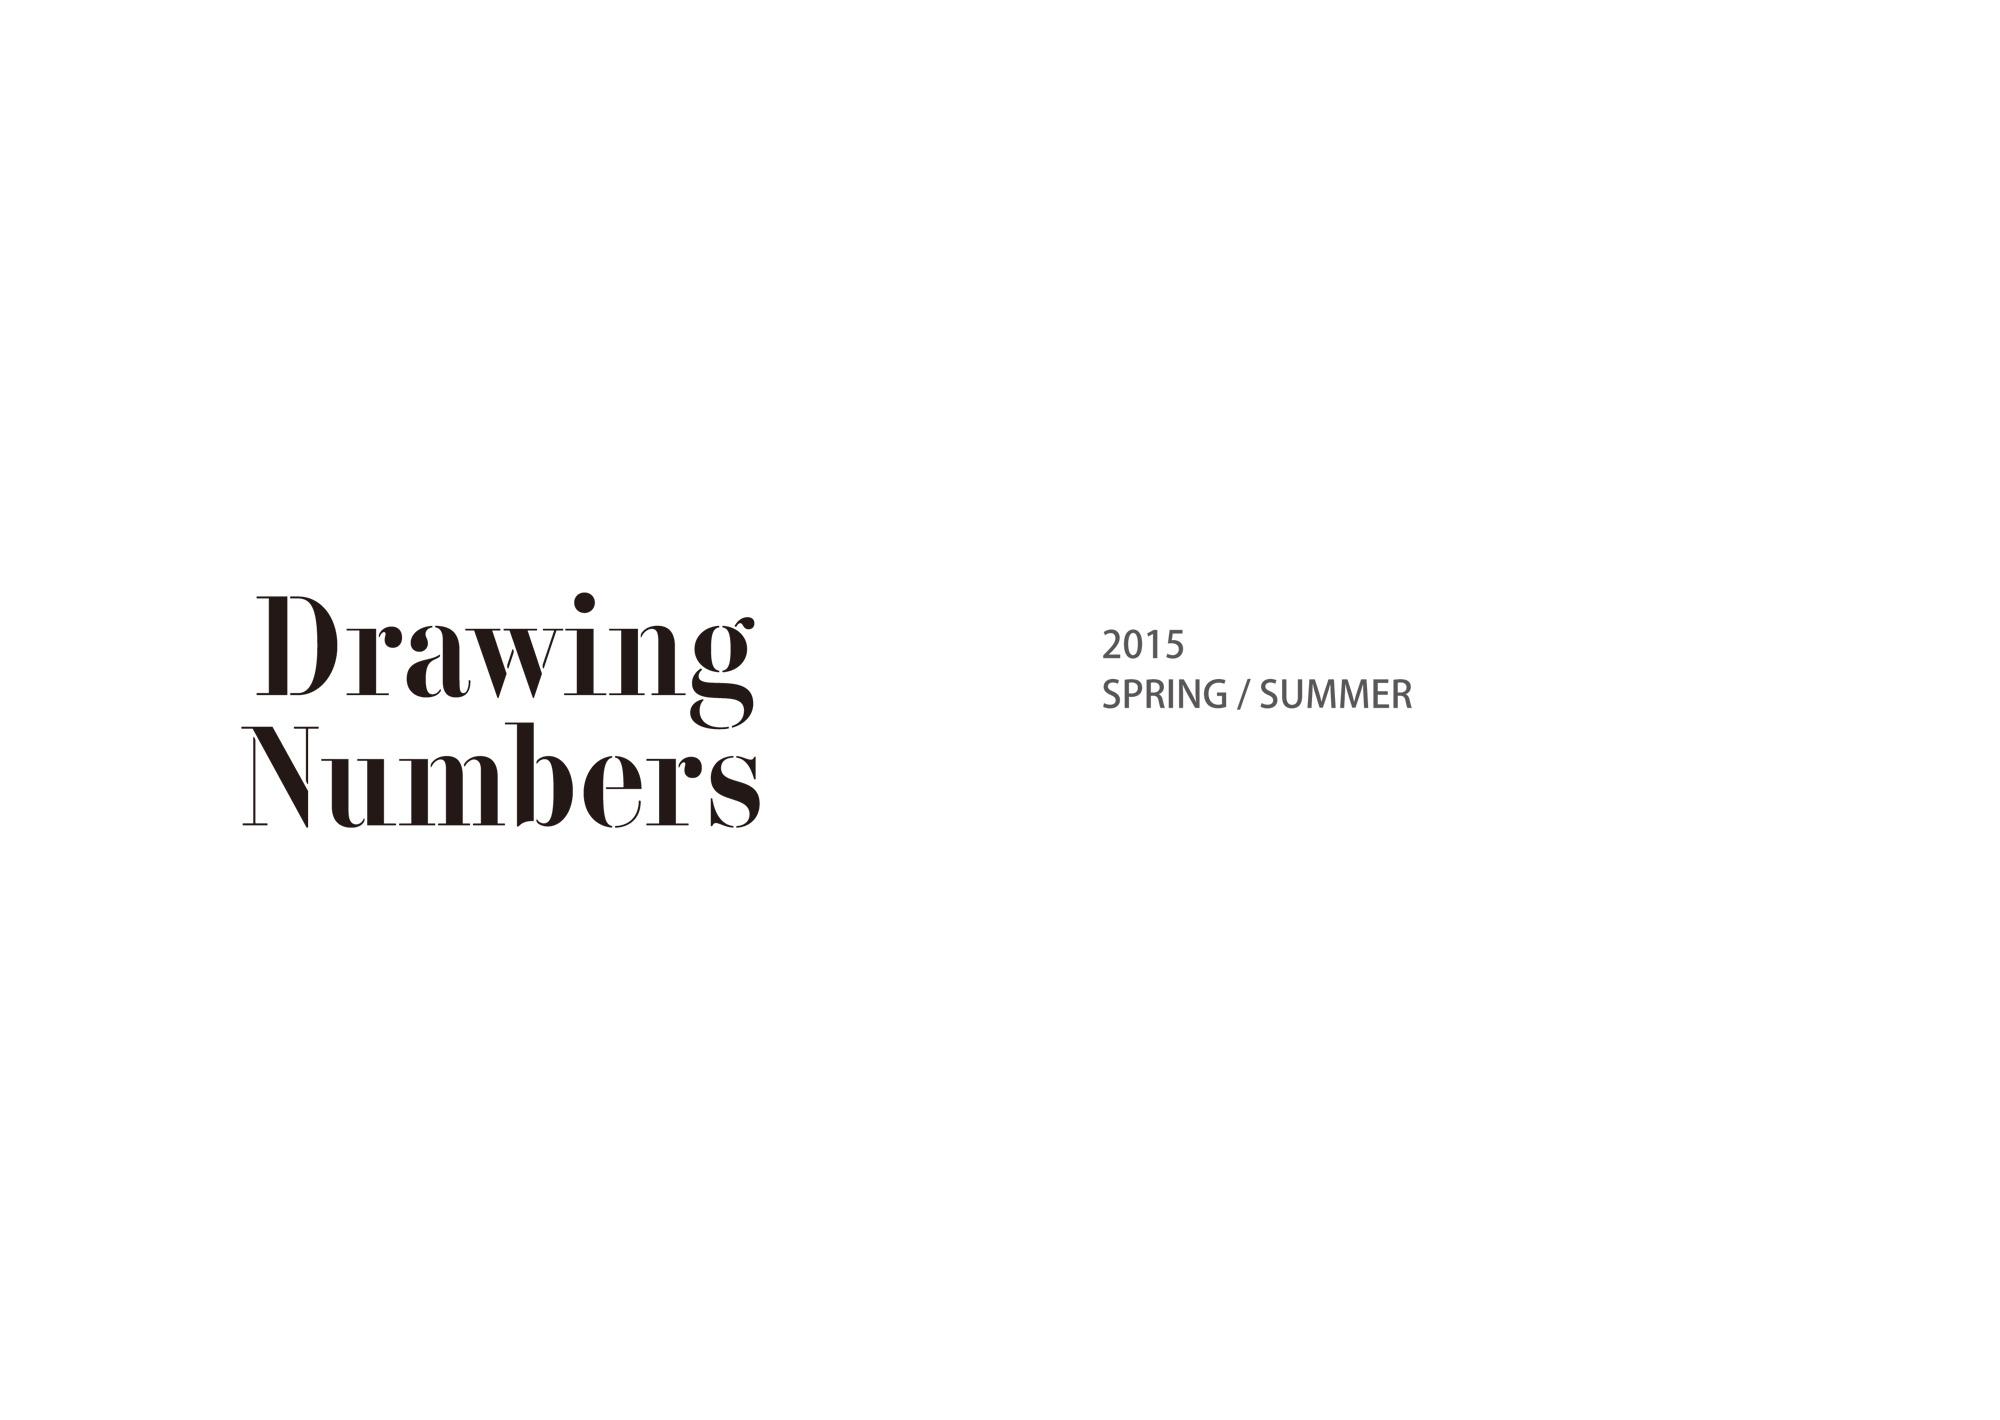 2015 SPRING / SUMMER 1